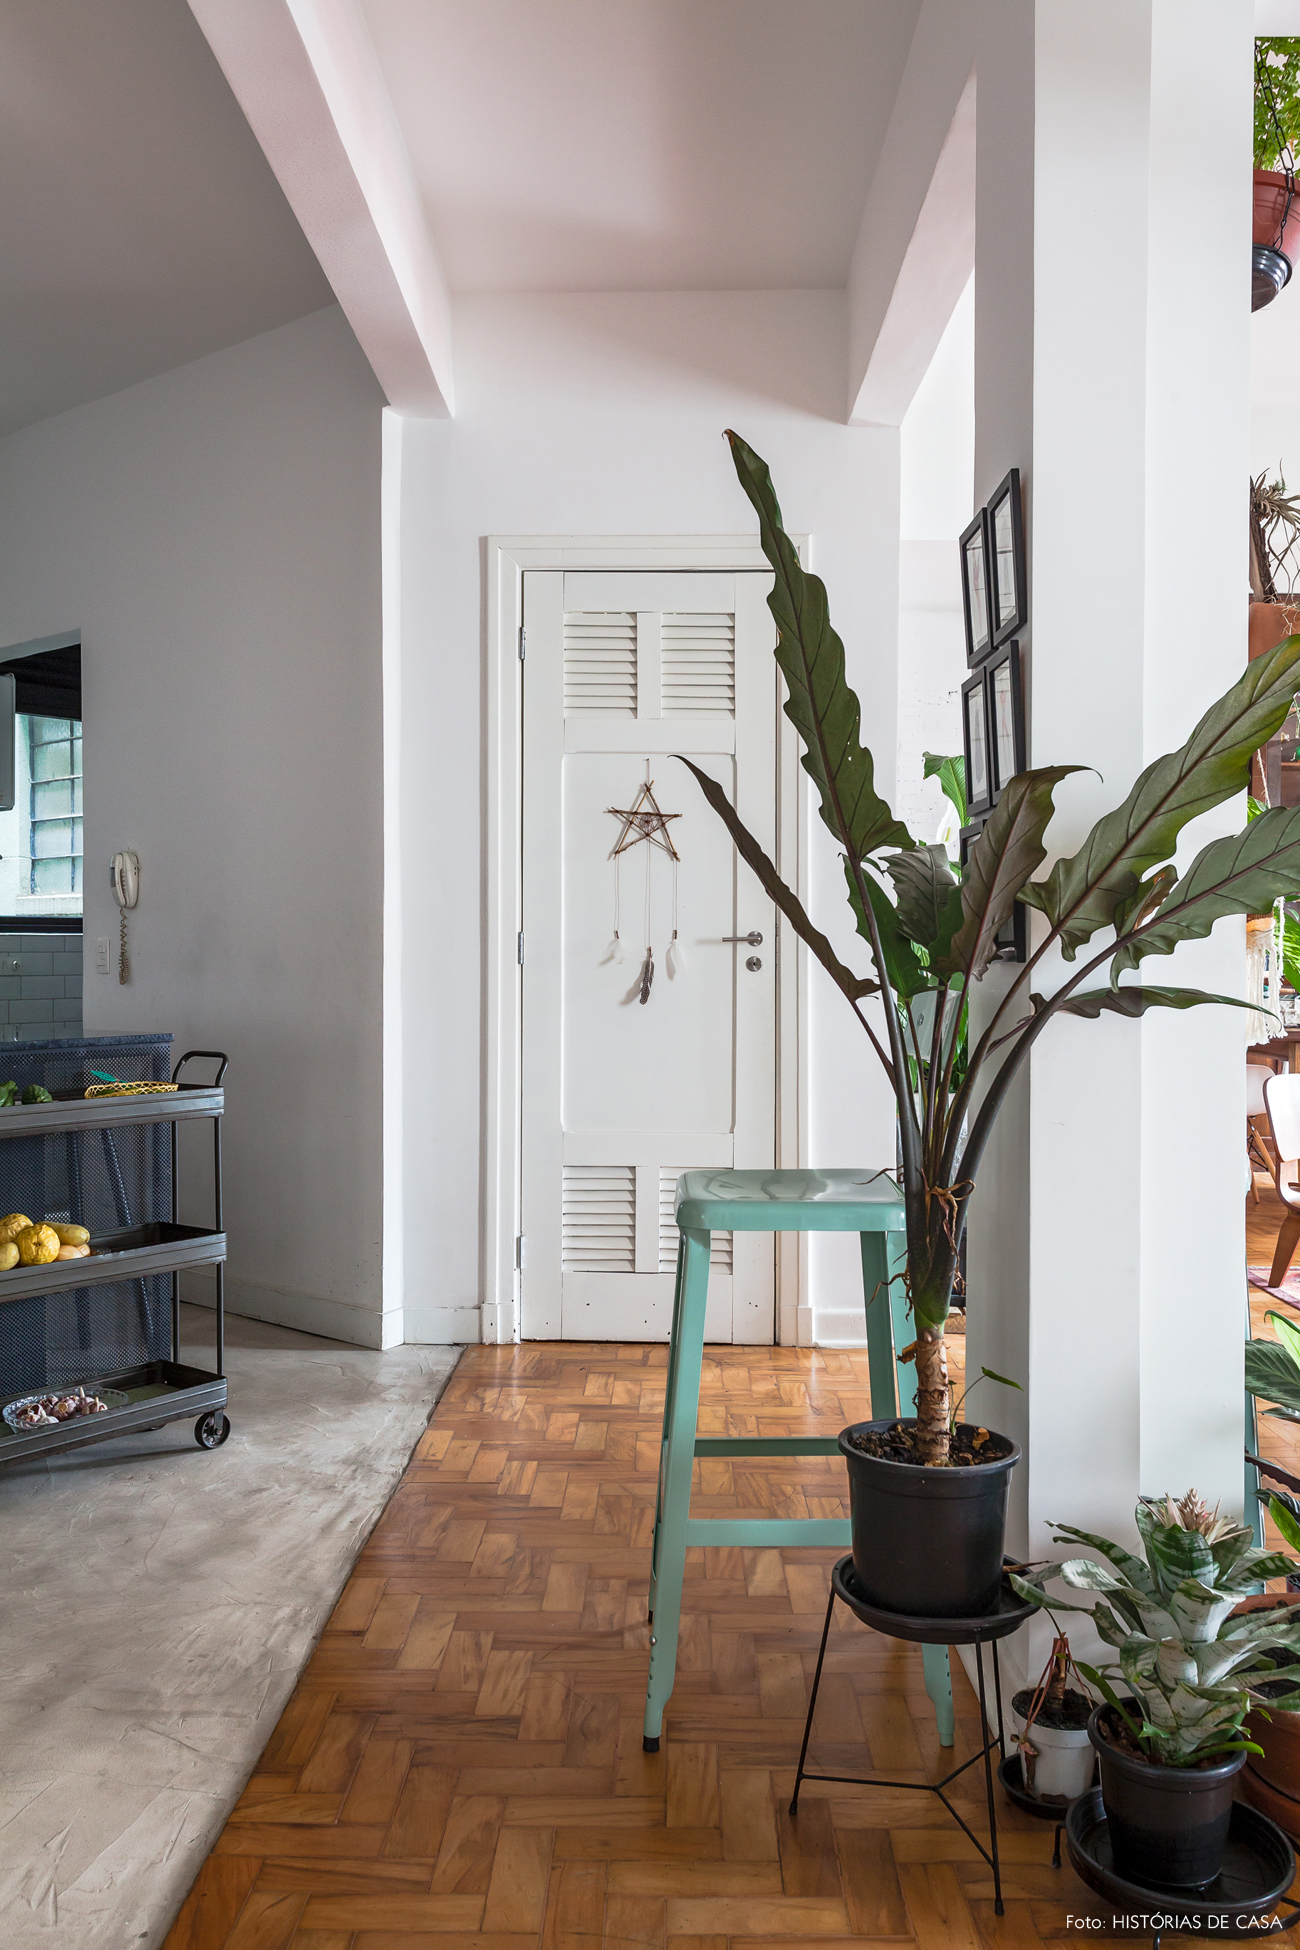 29-decoracao-apartamento-antigo-reforma-tacos-cimento-queimado